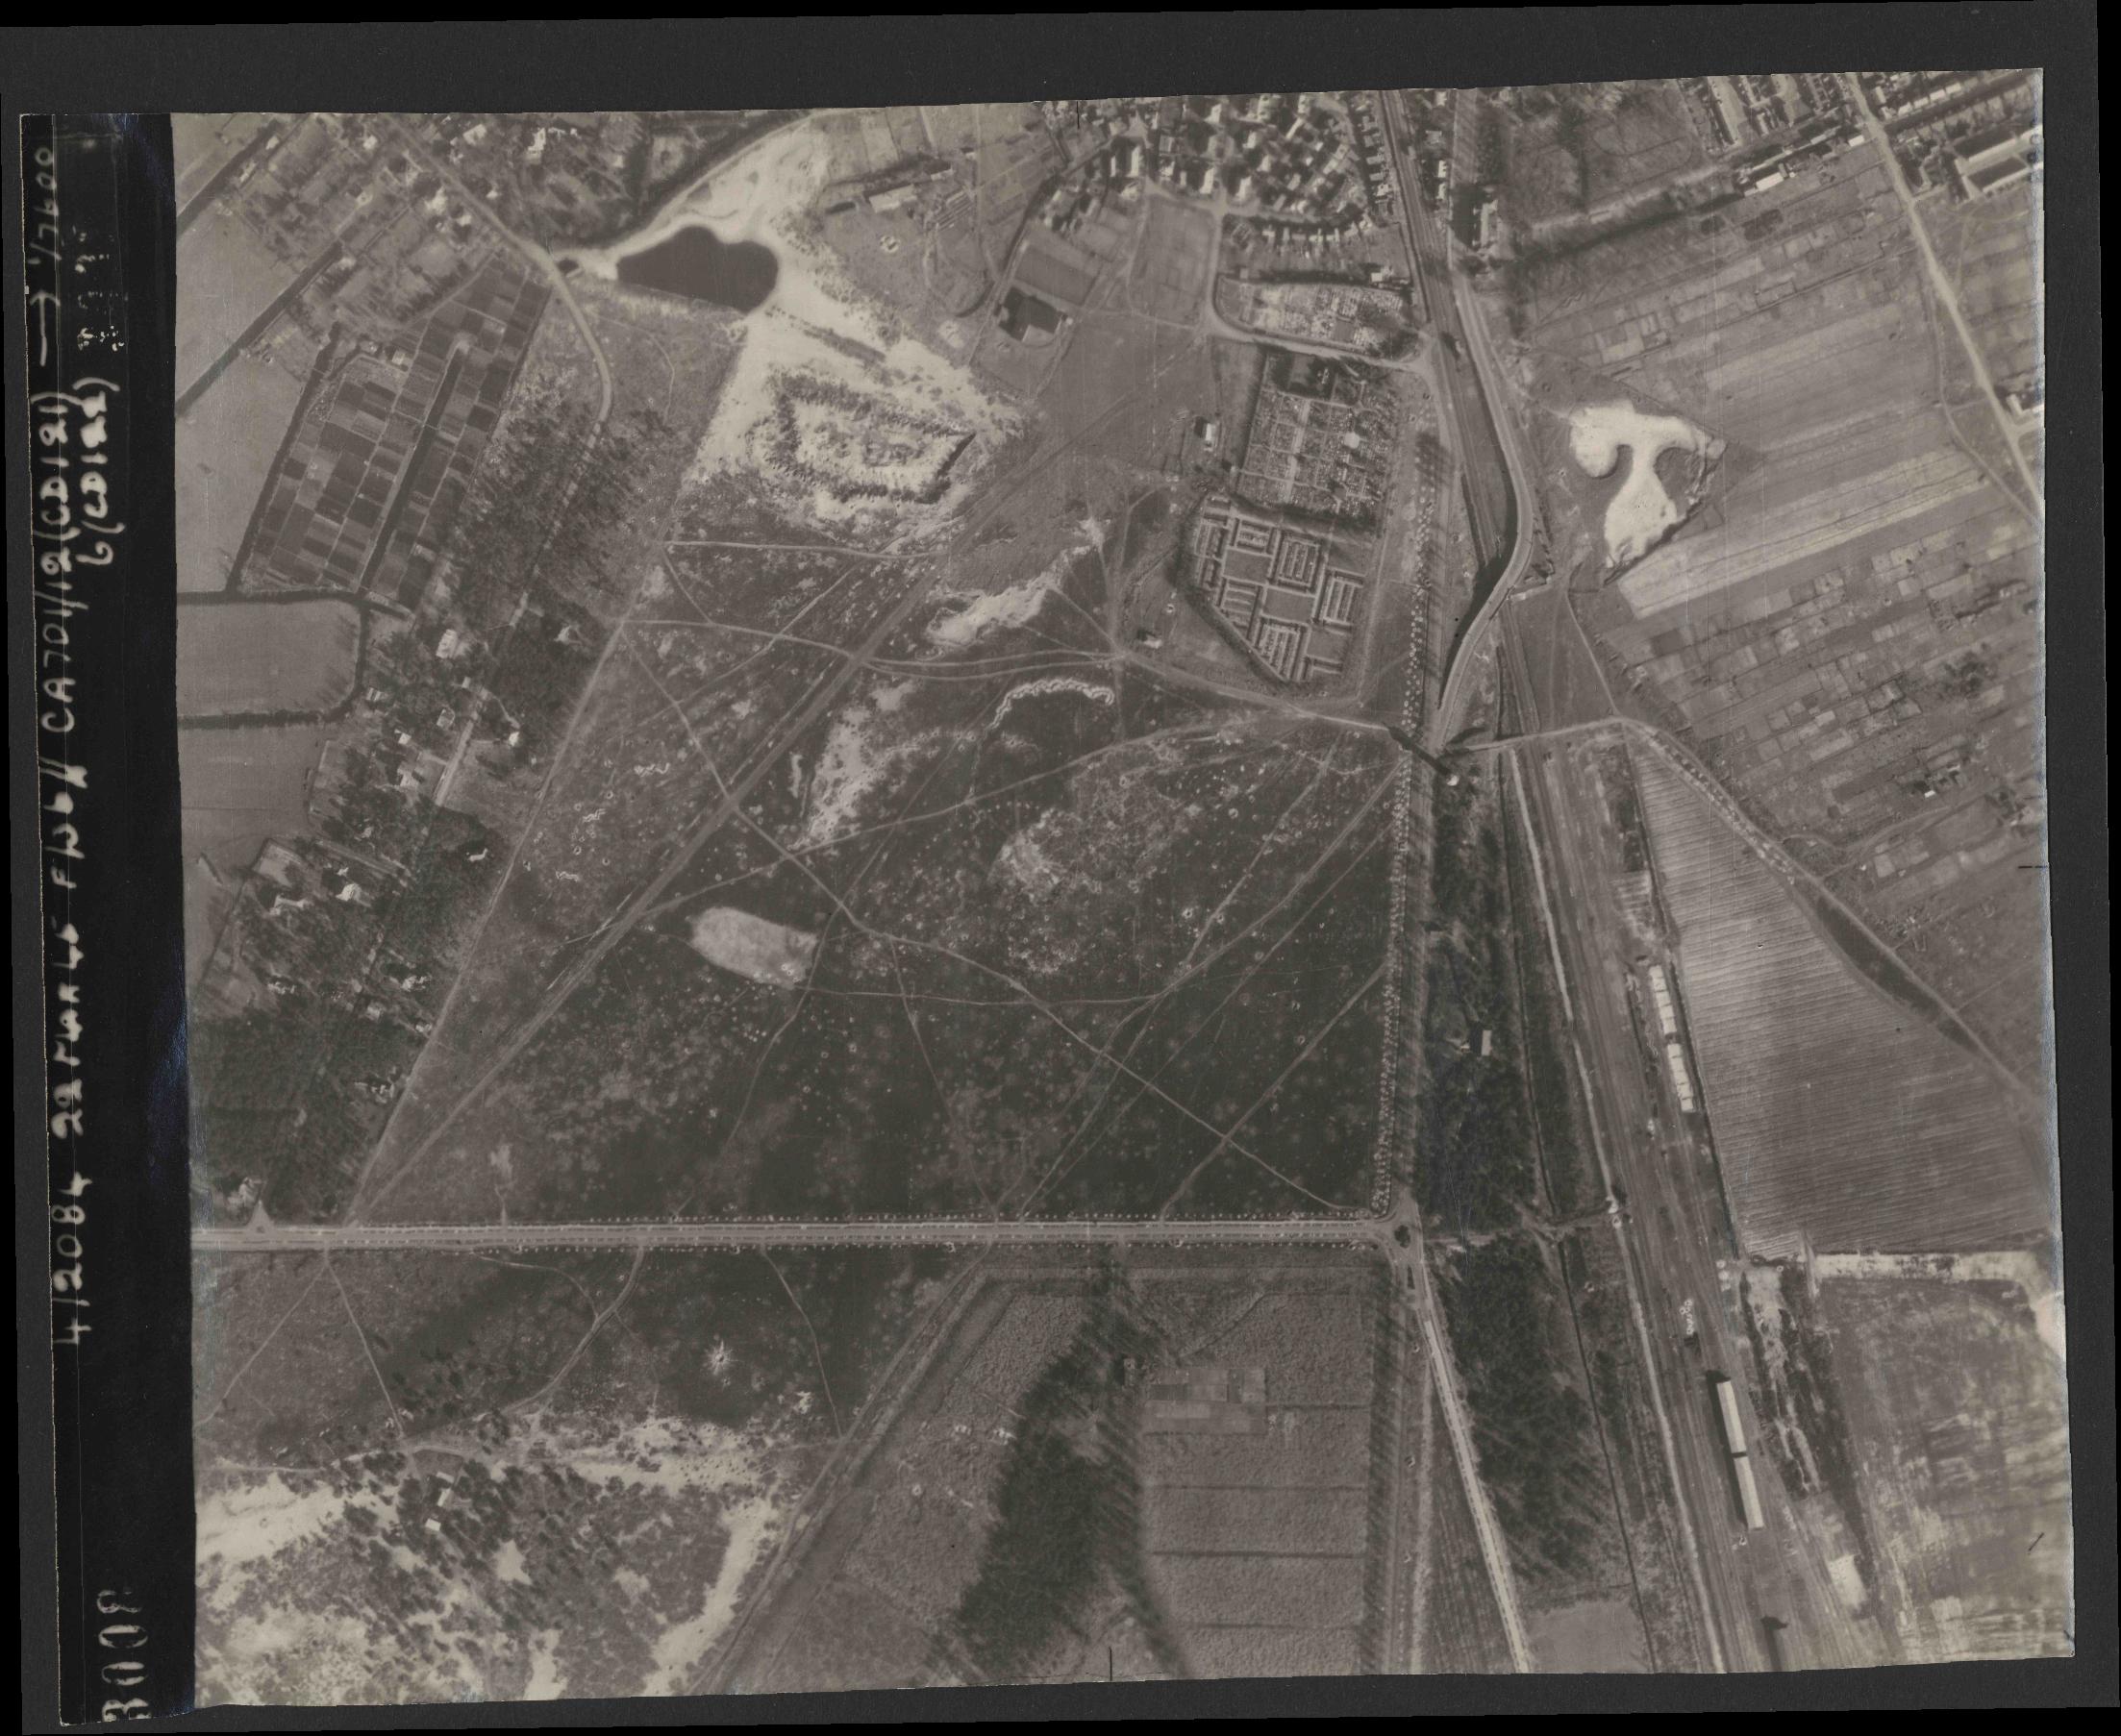 Collection RAF aerial photos 1940-1945 - flight 163, run 05, photo 3008